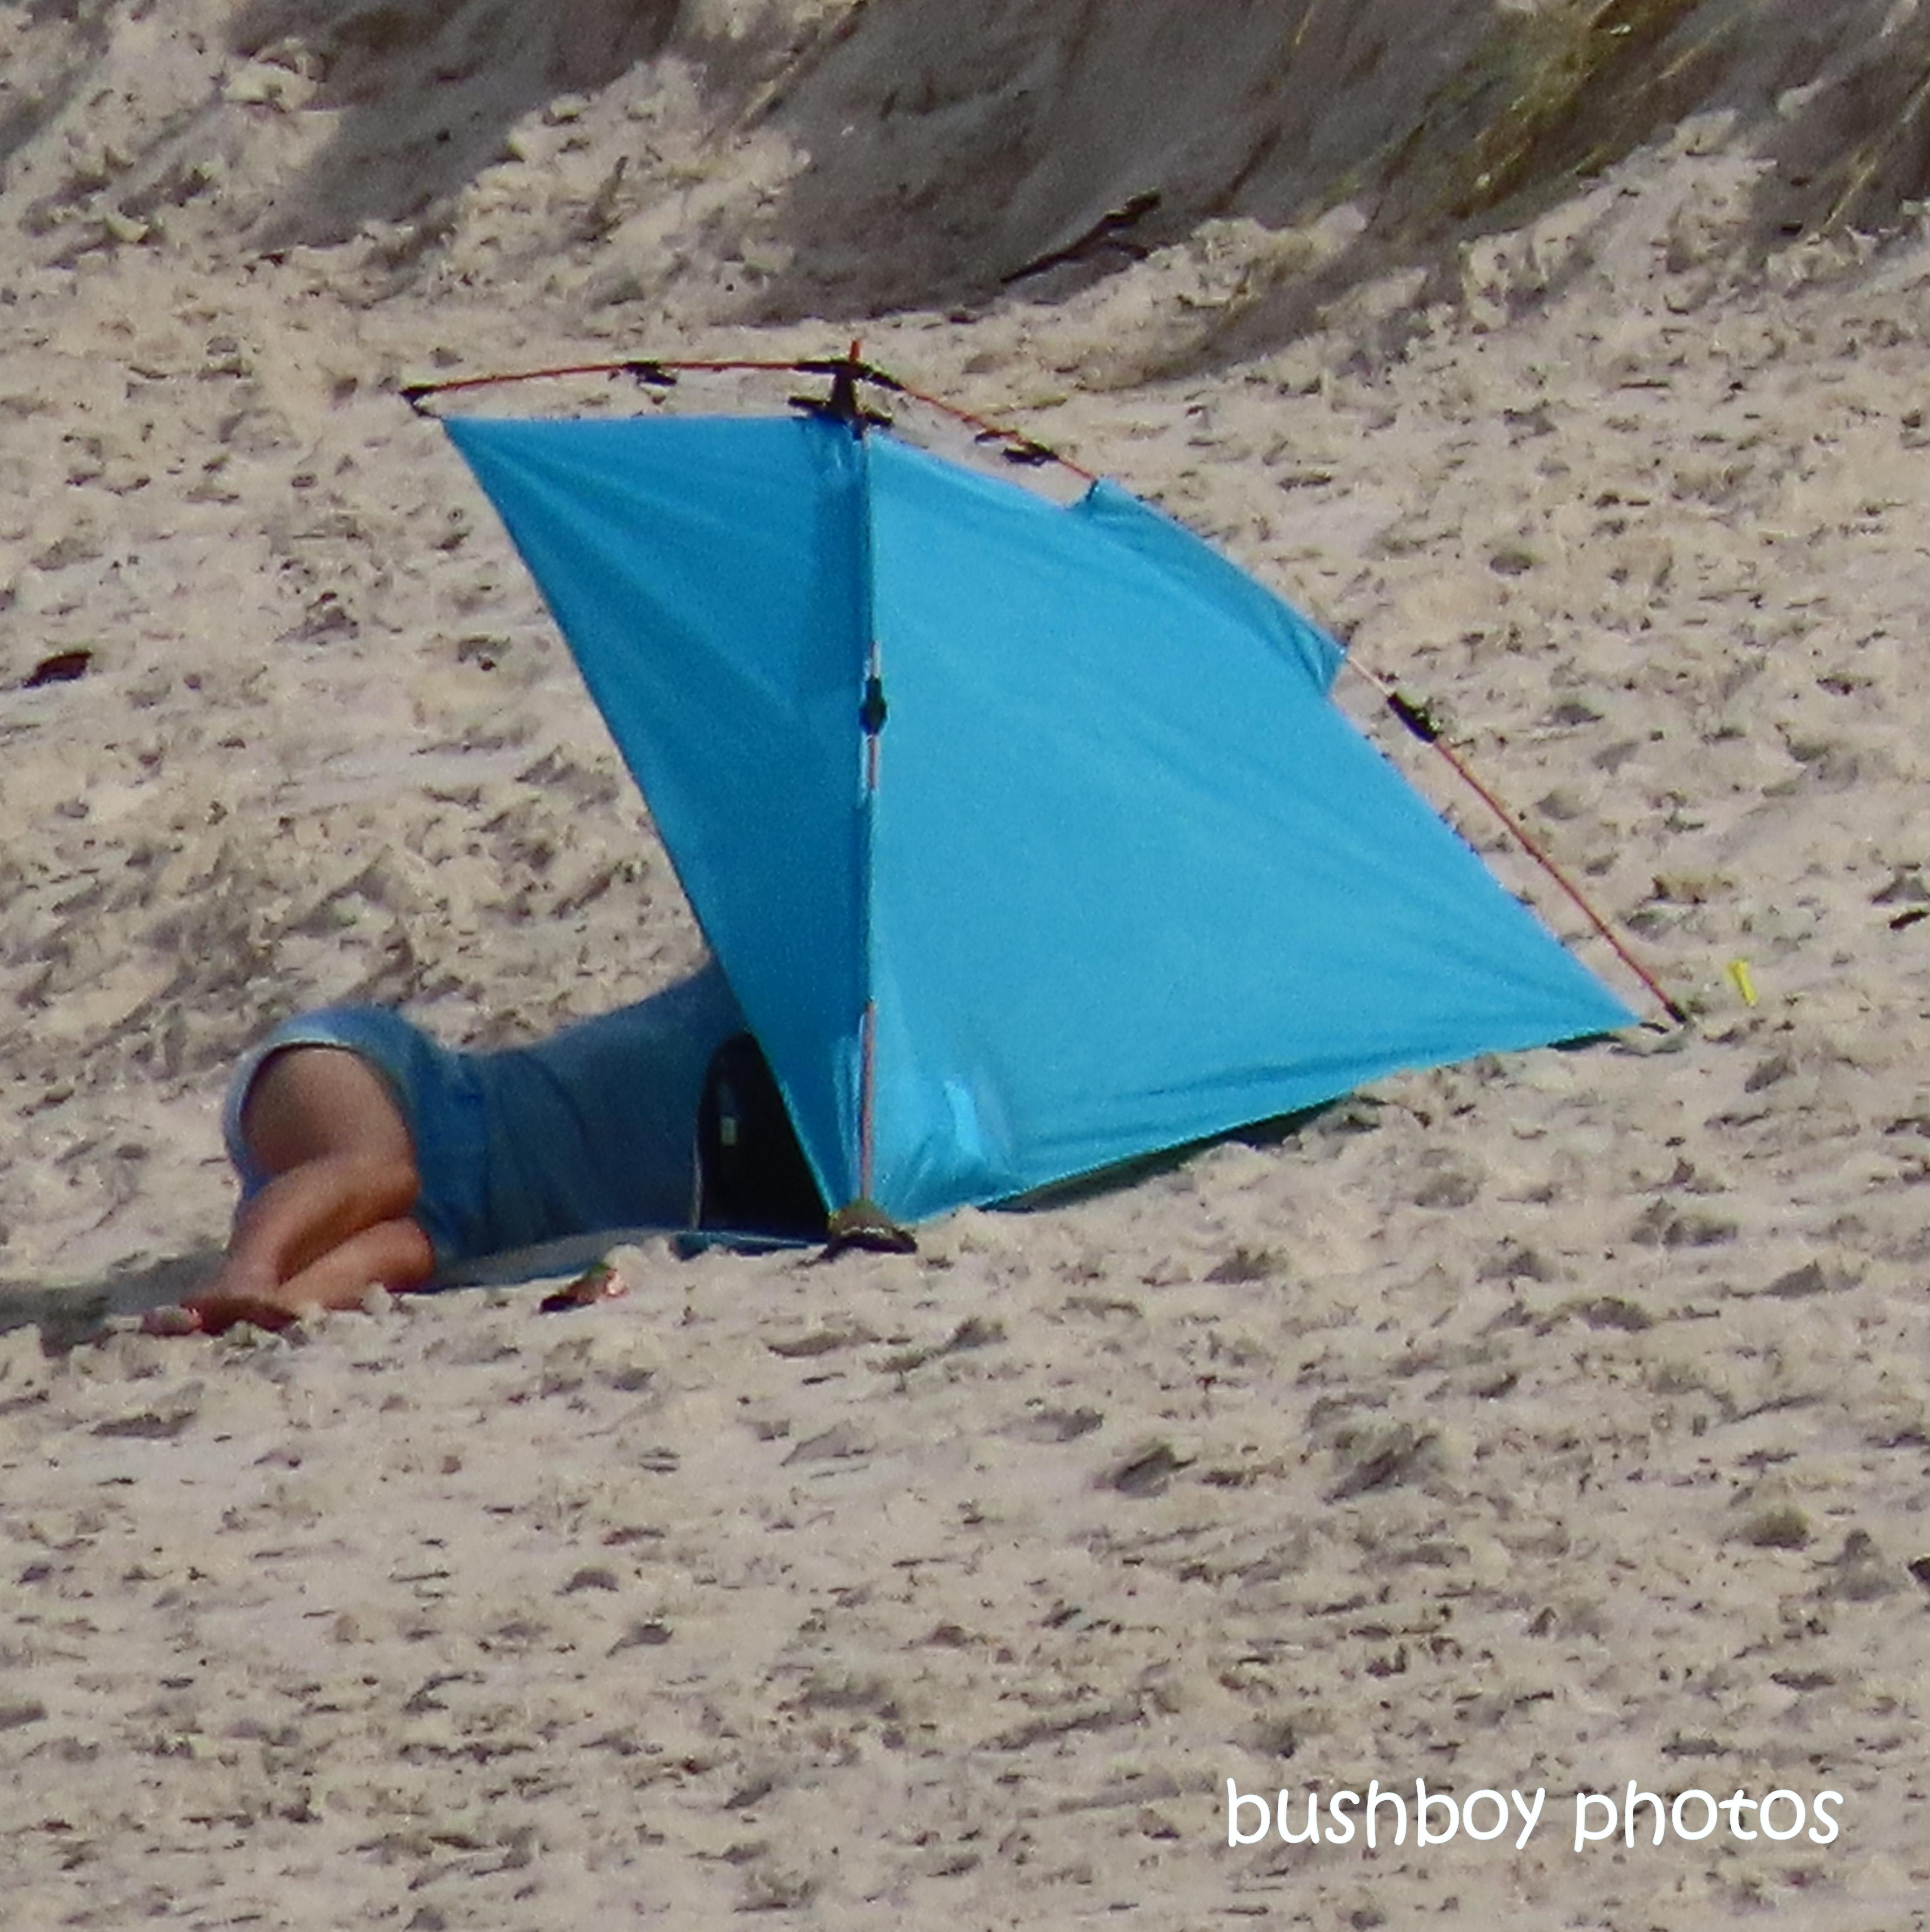 190708_blog_challenge_blue_umbrella_beach_sand